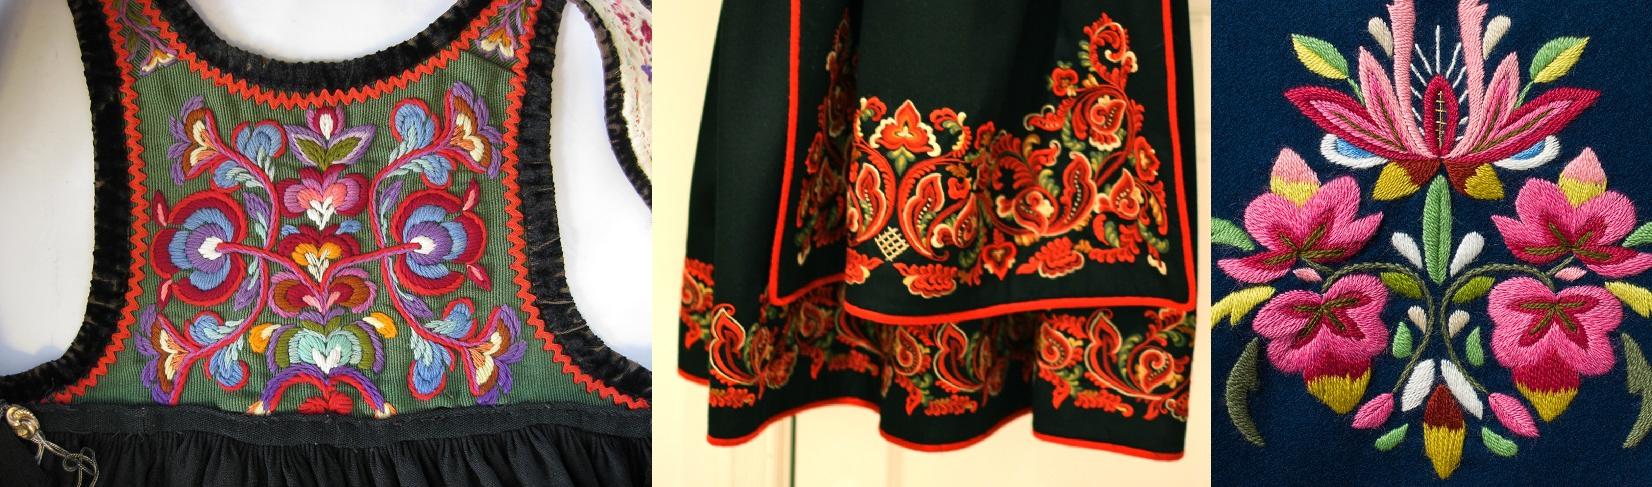 Exemplos de bordados encontrados em vestimentas tradicionais.